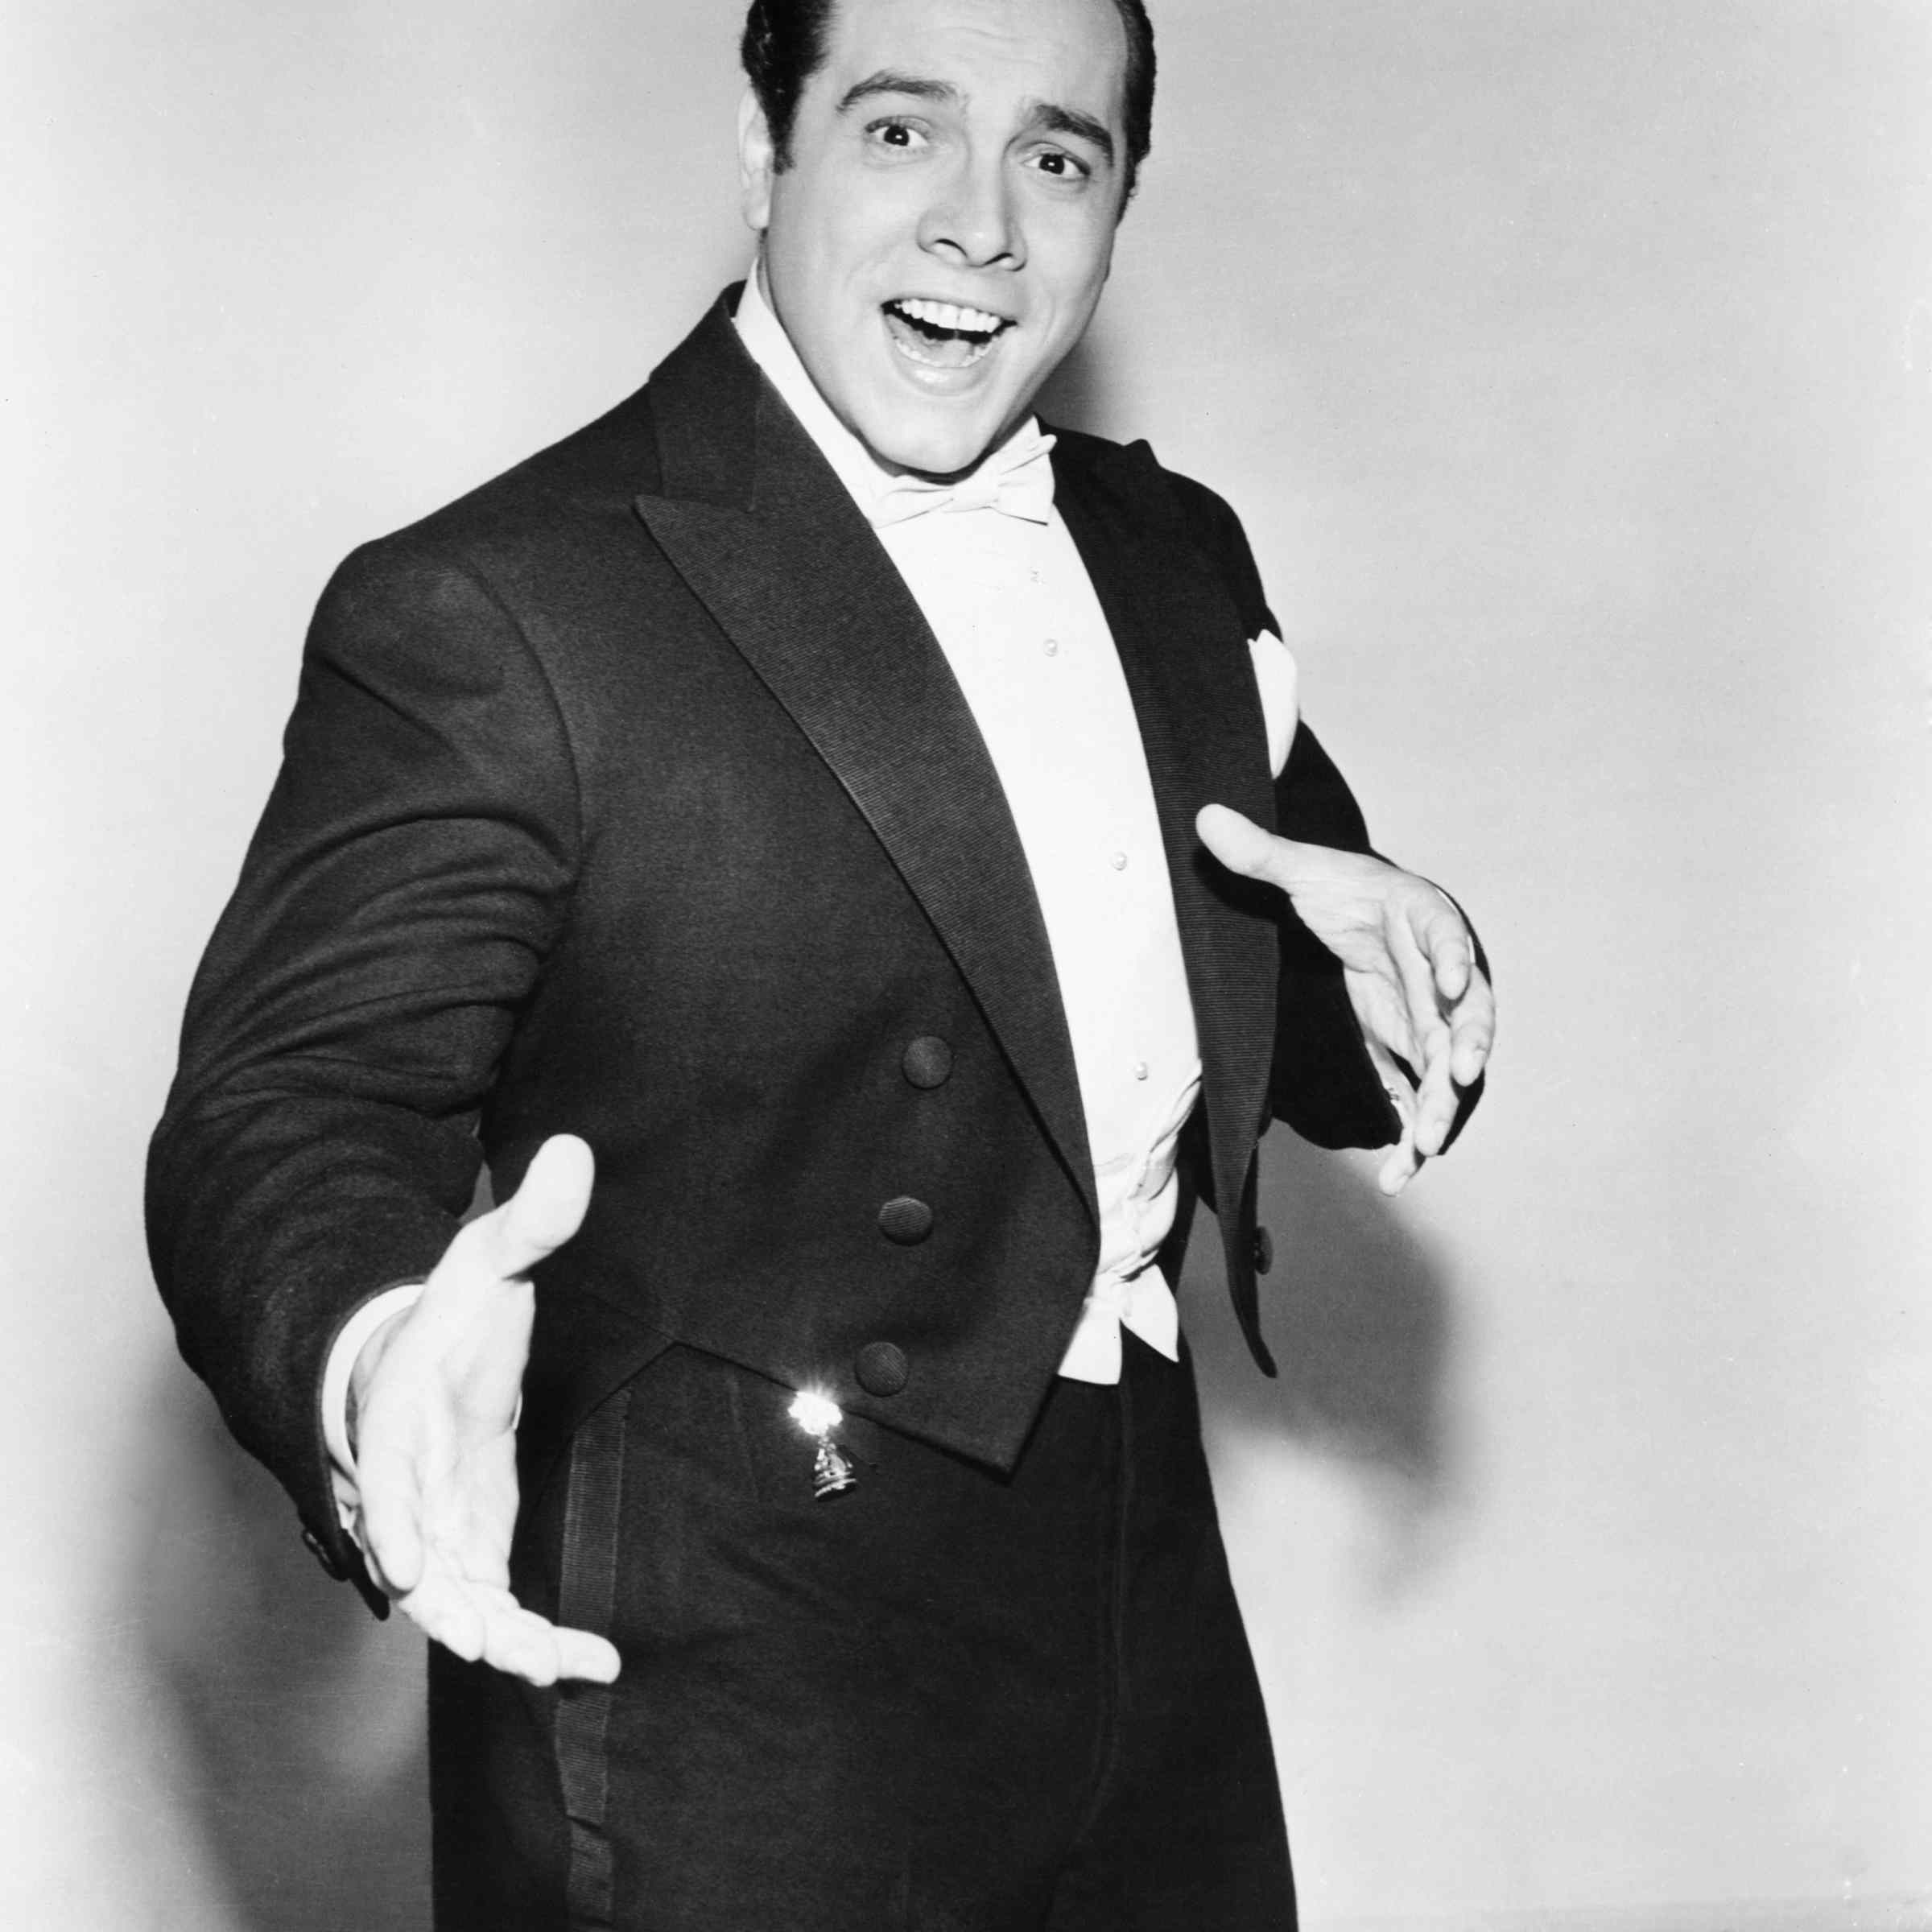 American singer and actor Mario Lanza (1921 - 1959), circa 1950.